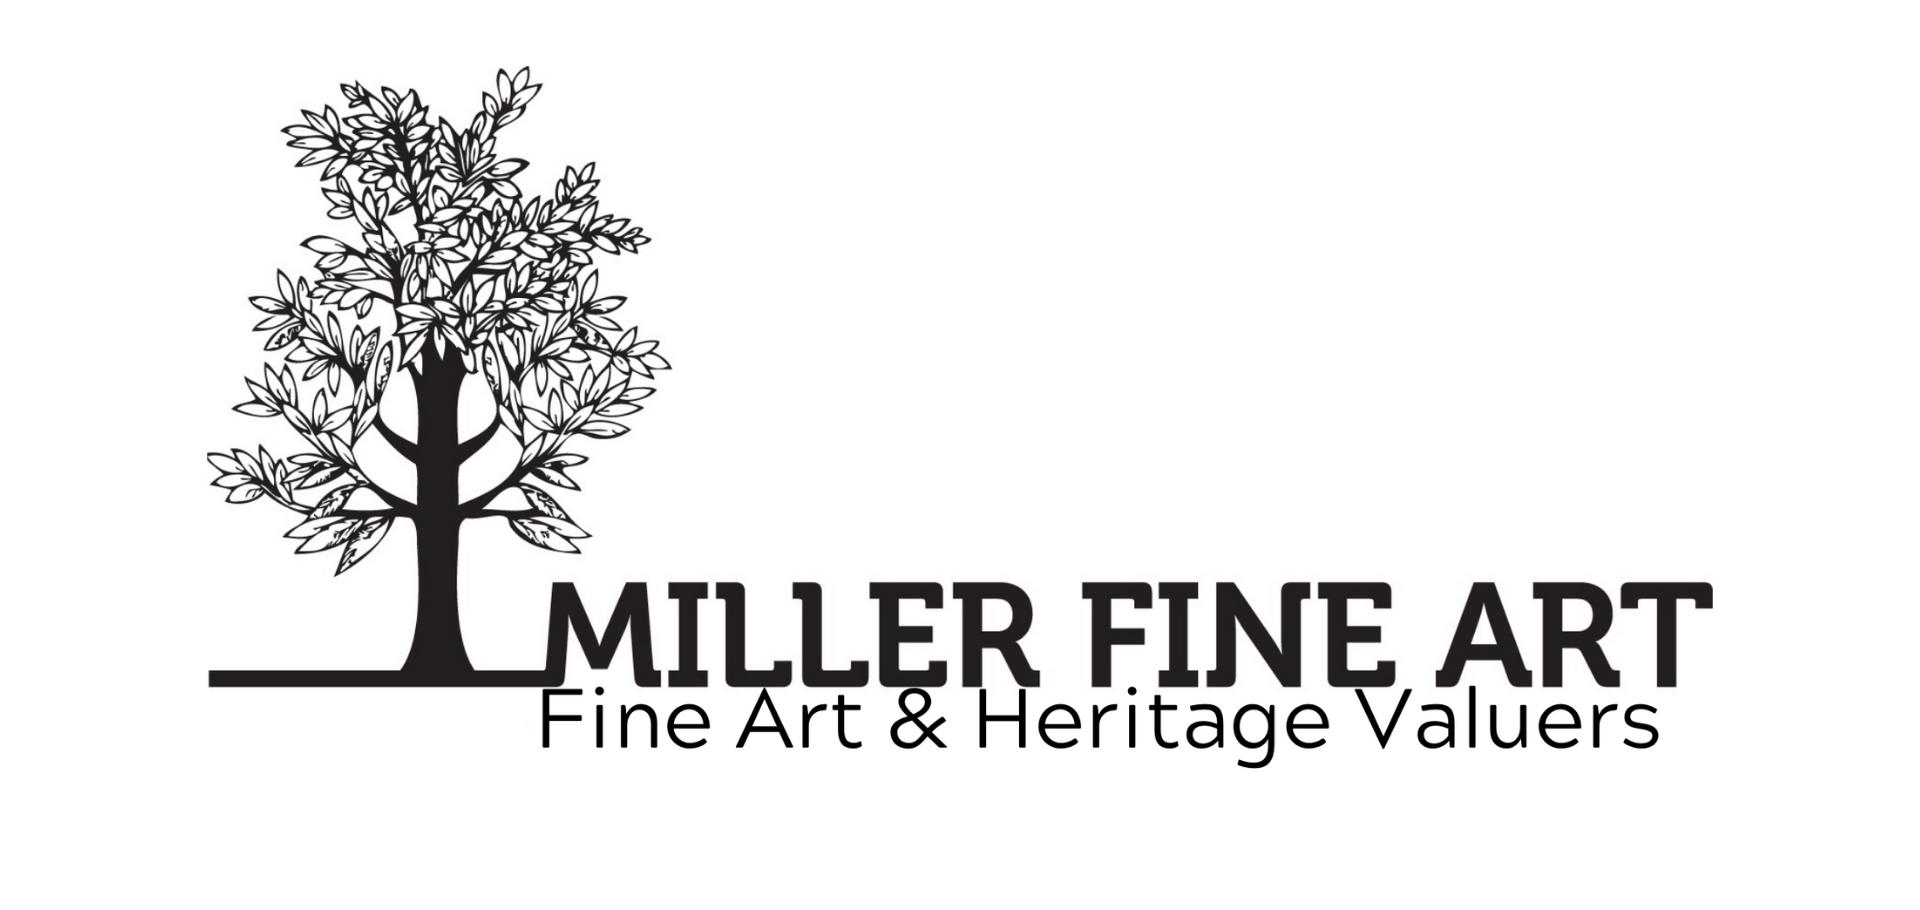 Miller Fine Art Valuers